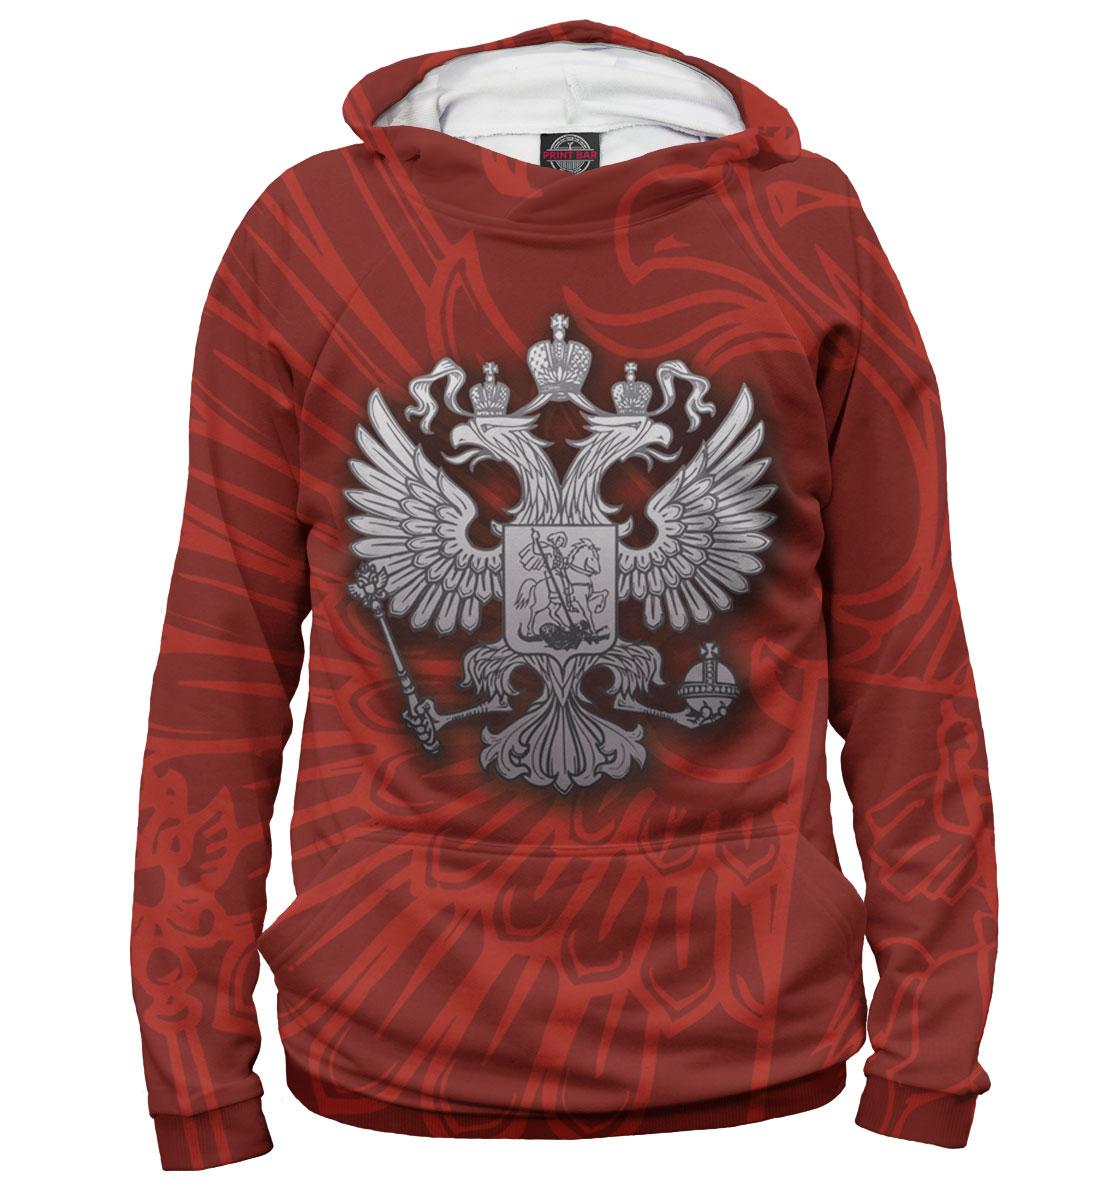 Купить Худи для девочки Двуглавый орел SRF-616990-hud-1